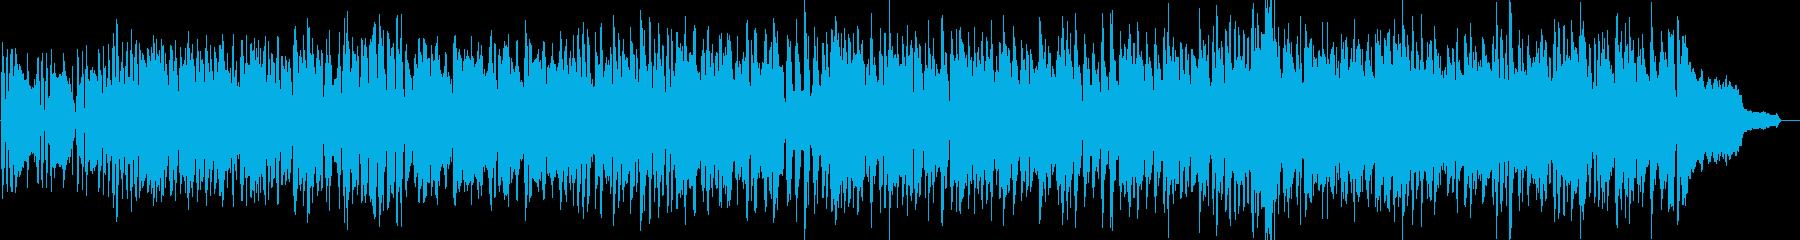 ブルース ポップ ロック アクティ...の再生済みの波形